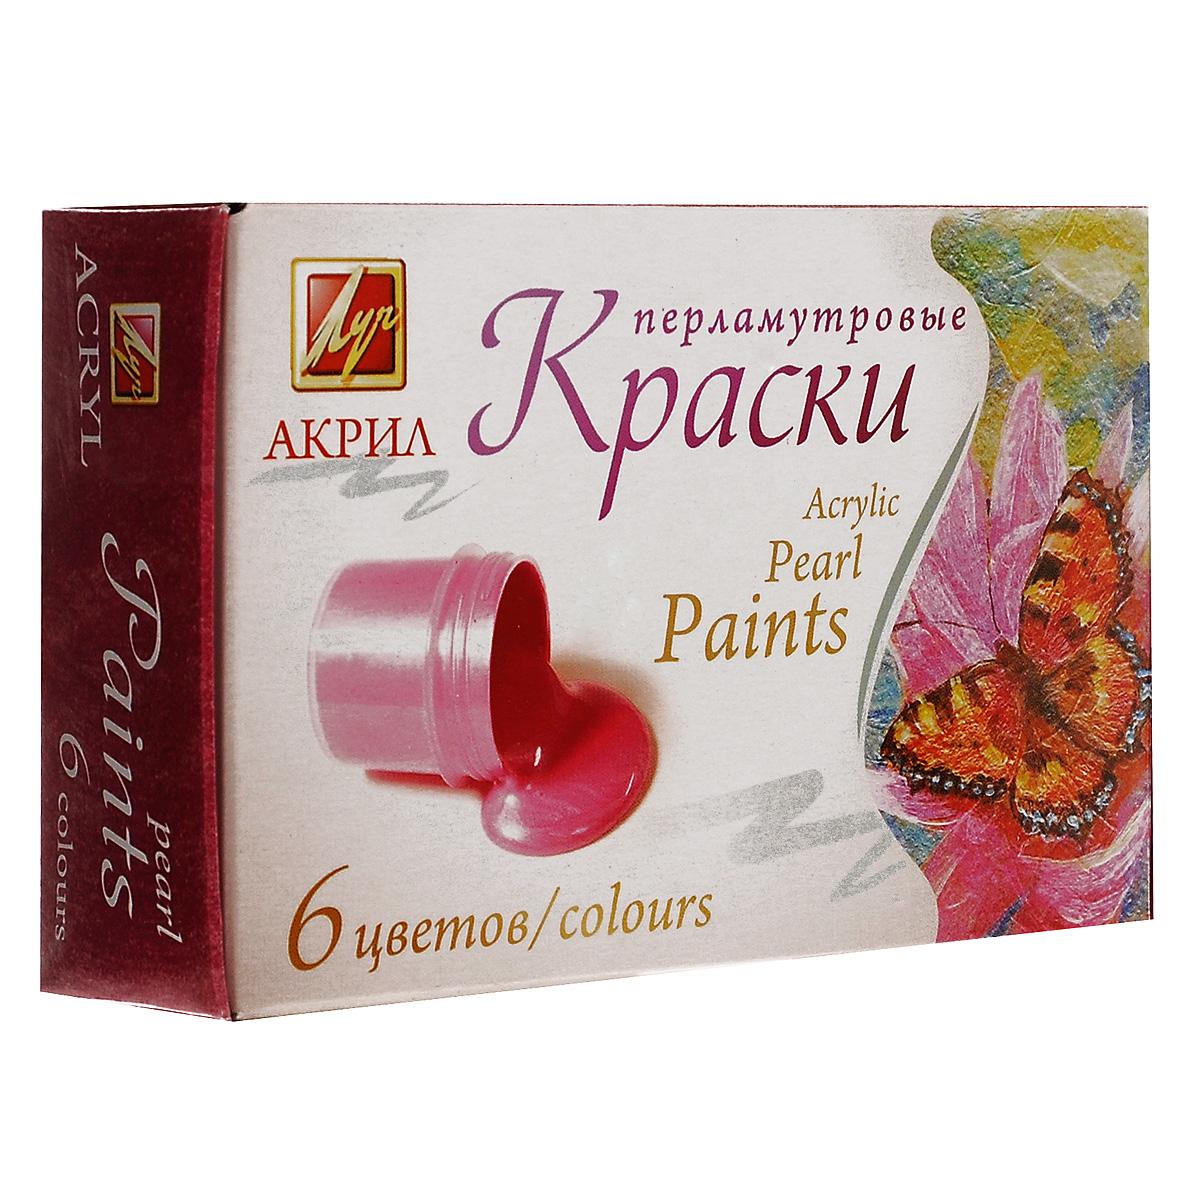 Краски акриловые Луч, перламутровые, 15 мл, 6 цветов22С 1411-08Акриловые краски Луч - универсальный материал для творчества. Акриловые краски, как и акварельные, легко разбавляются водой, но после высыхания их уже нельзя размочить, и в этом акрилы сходны с темперой. В комплекте - 6 баночек с перламутровой краской разных ярких цветов. Будучи прозрачными, акриловые краски хорошо сочетаются с акварелью и накладываются поверх акварельных мазков, усиливая их насыщенность, сообщая им глубину тона. Акриловые краски обладают значительно большей яркостью и высокой светостойкостью, но темнеют, подобно темпере, после высыхания. Новые лессировки также не нарушают нижние слои краски. В этом состоит бесспорное преимущество акриловых красителей. Акриловые краски применяются в дизайн-графике, рекламе, оформительском искусстве. Их можно наносить аэрографом, использовать резервирование специальными составами, сочетая с техникой работы по сырому, подобно акварельной. Акриловые краски обладают следующими свойствами: - быстросохнущие; - обладают отличной адгезией (сцепляемость с поверхностью); - превосходная кроющая способность; - равномерно наносятся; - хорошая светостойкость; - прекрасно смешиваются между собой; - после высыхания образуют несмываемую пленку; - красочный слой эластичен, прочен и долговечен.Объем баночки: 15 мл.